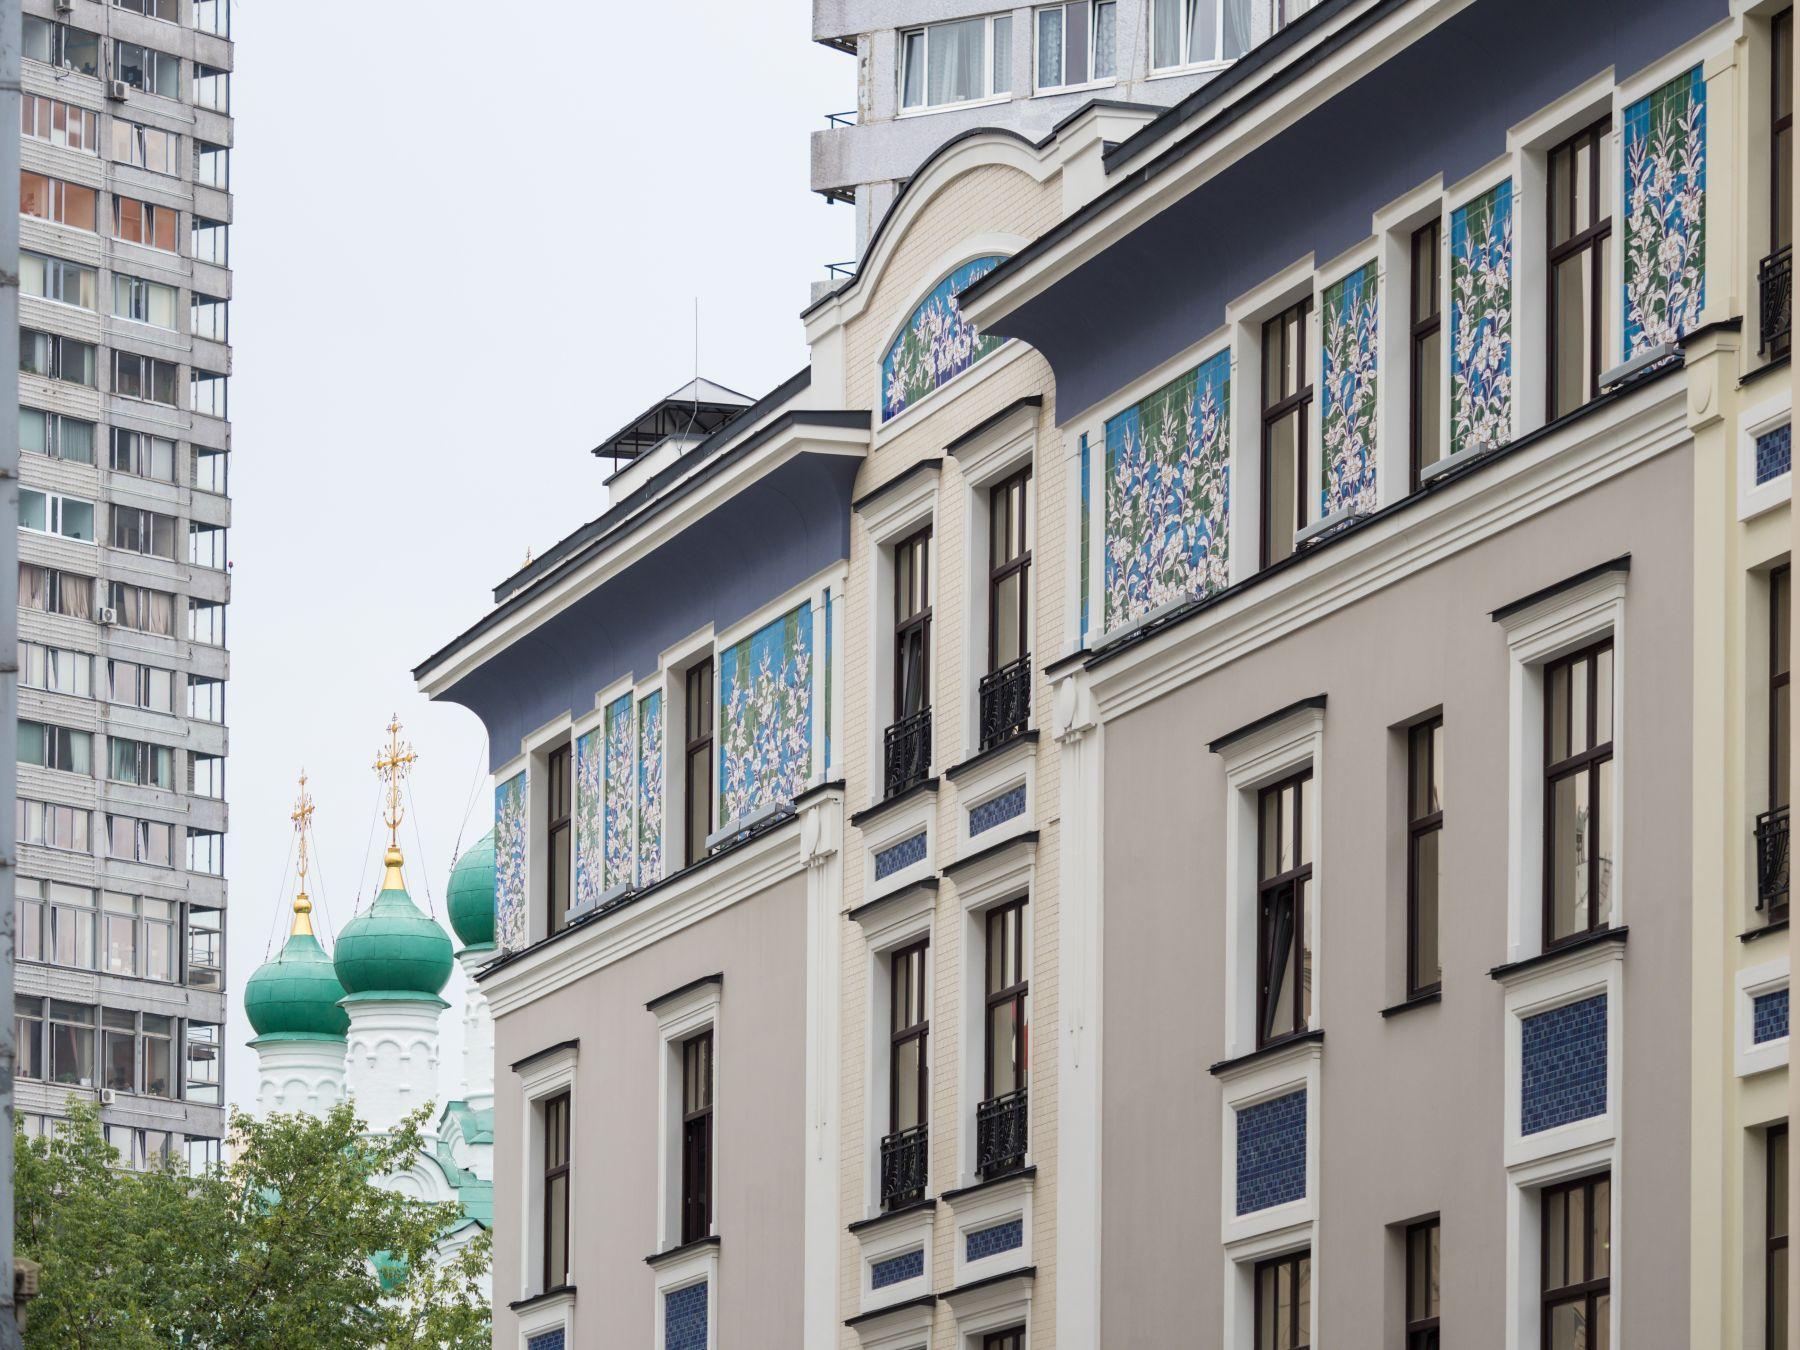 Жилой комплекс Театральный Дом Галс-Девелопмент Москва. Квартиры и цены